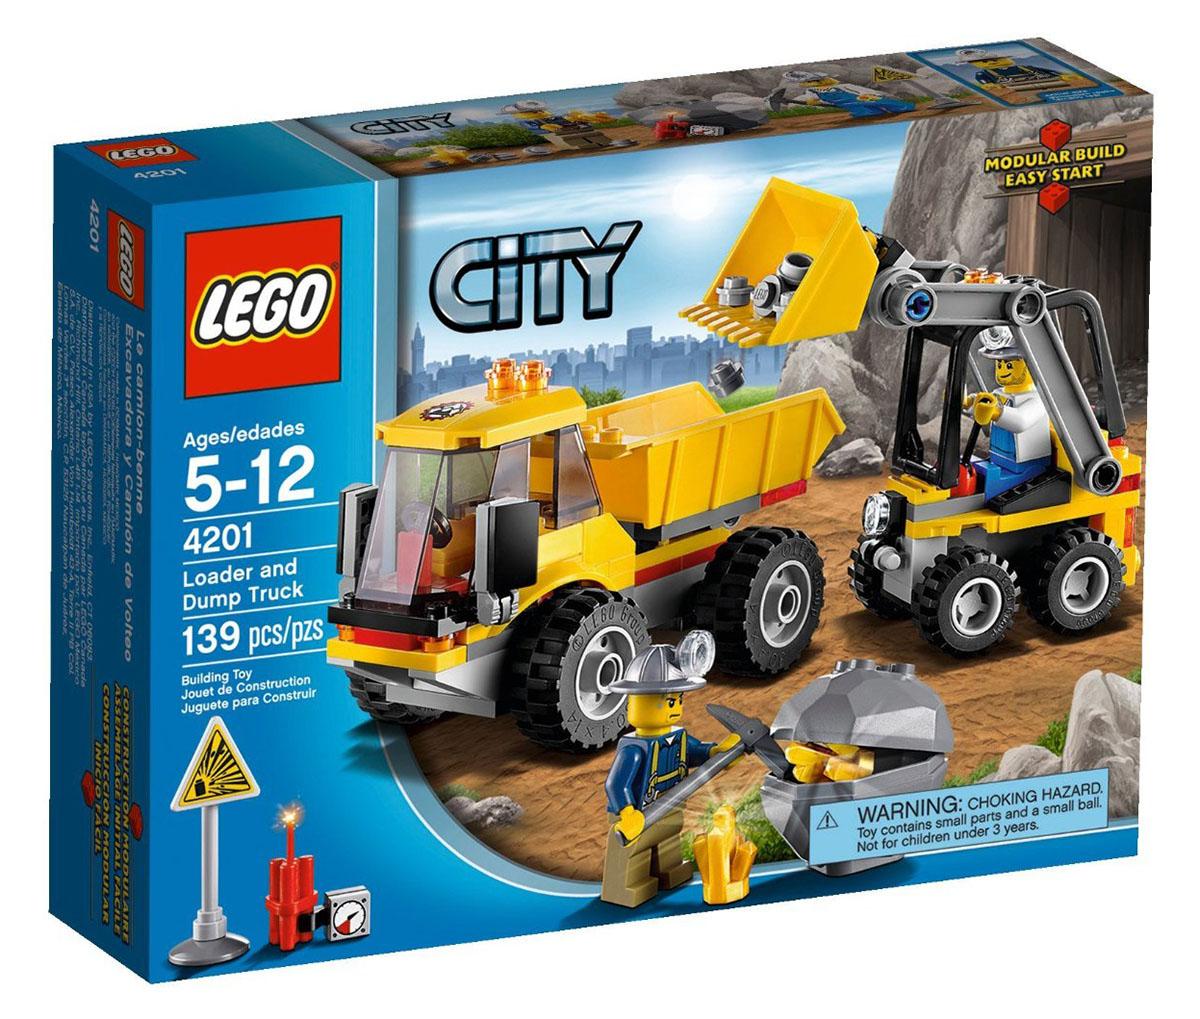 Lego city 4201 pas cher le camion benne - Image lego city ...